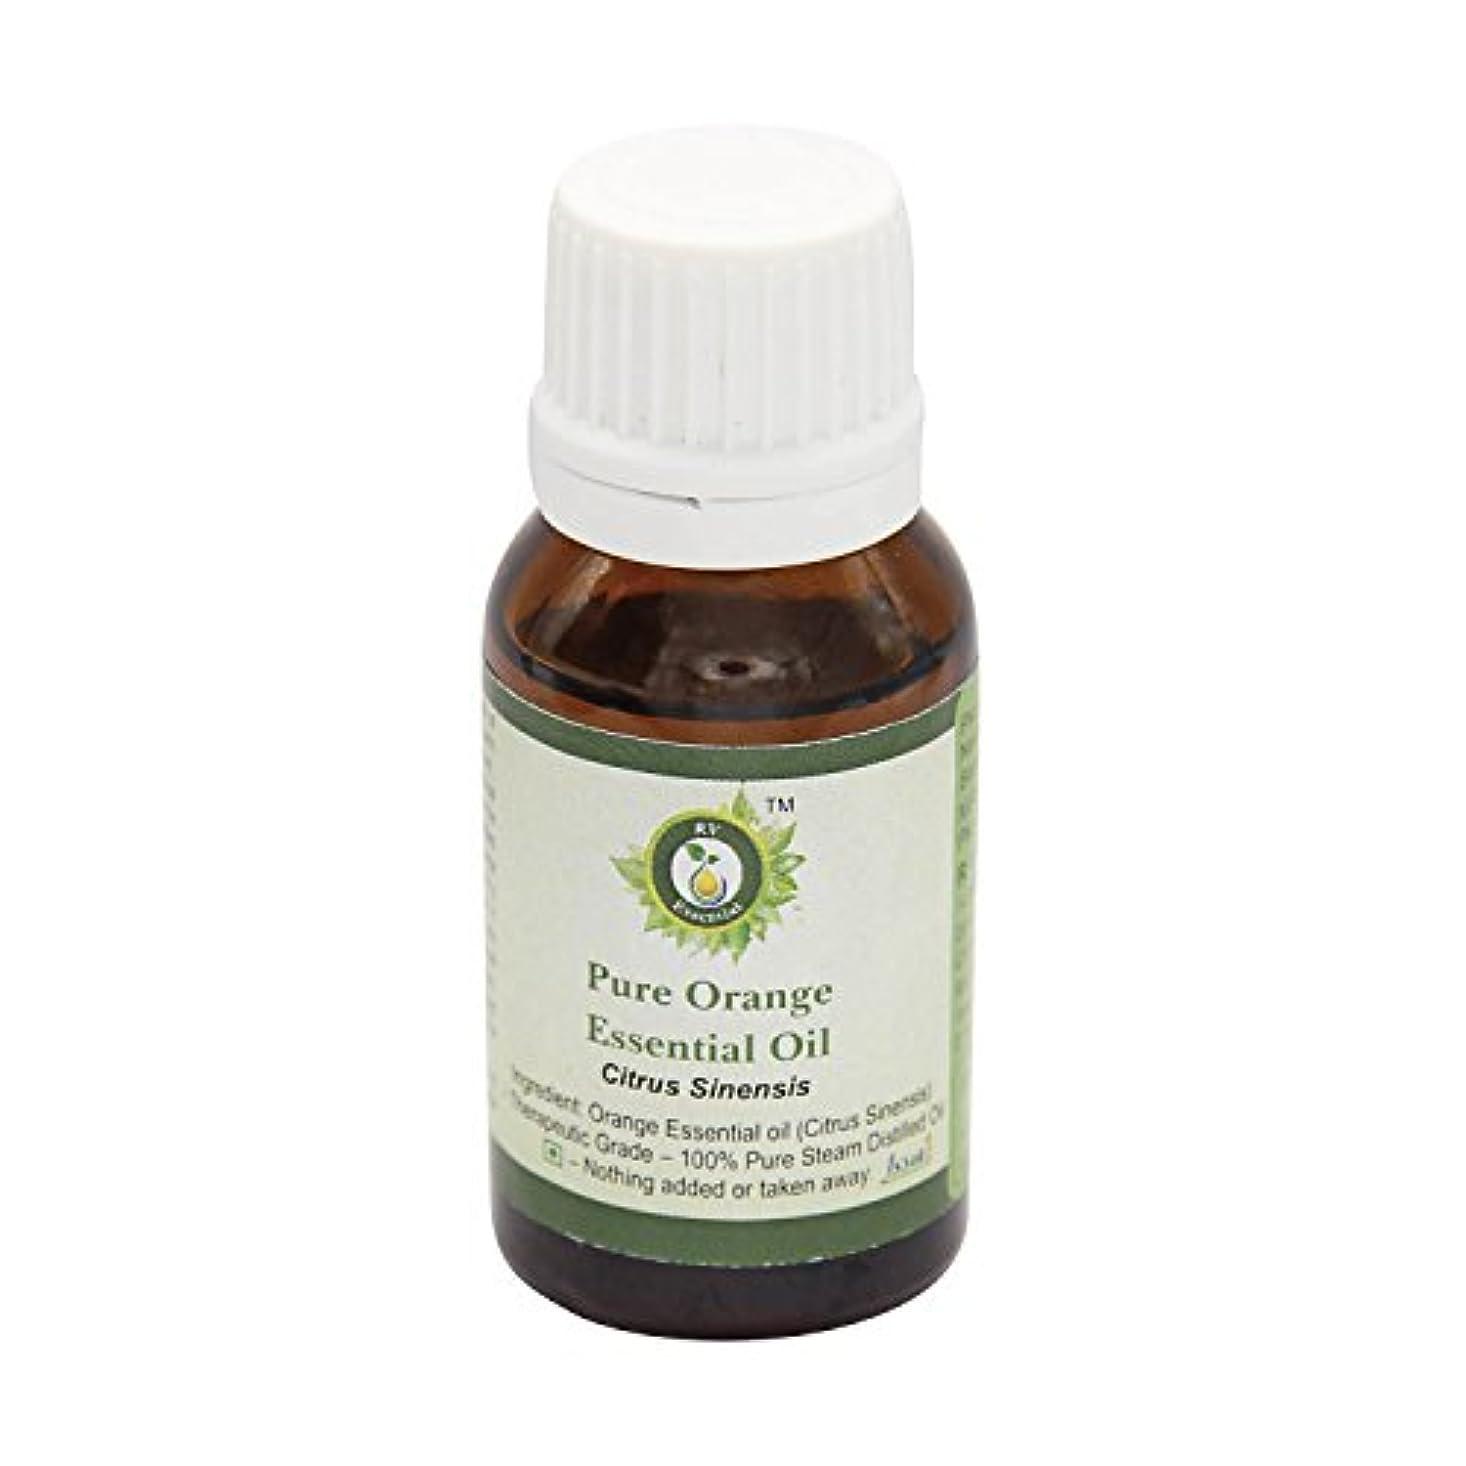 量導出手術R V Essential ピュアオレンジエッセンシャルオイル30ml (1.01oz)- Citrus Sinensis (100%純粋&天然スチームDistilled) Pure Orange Essential Oil